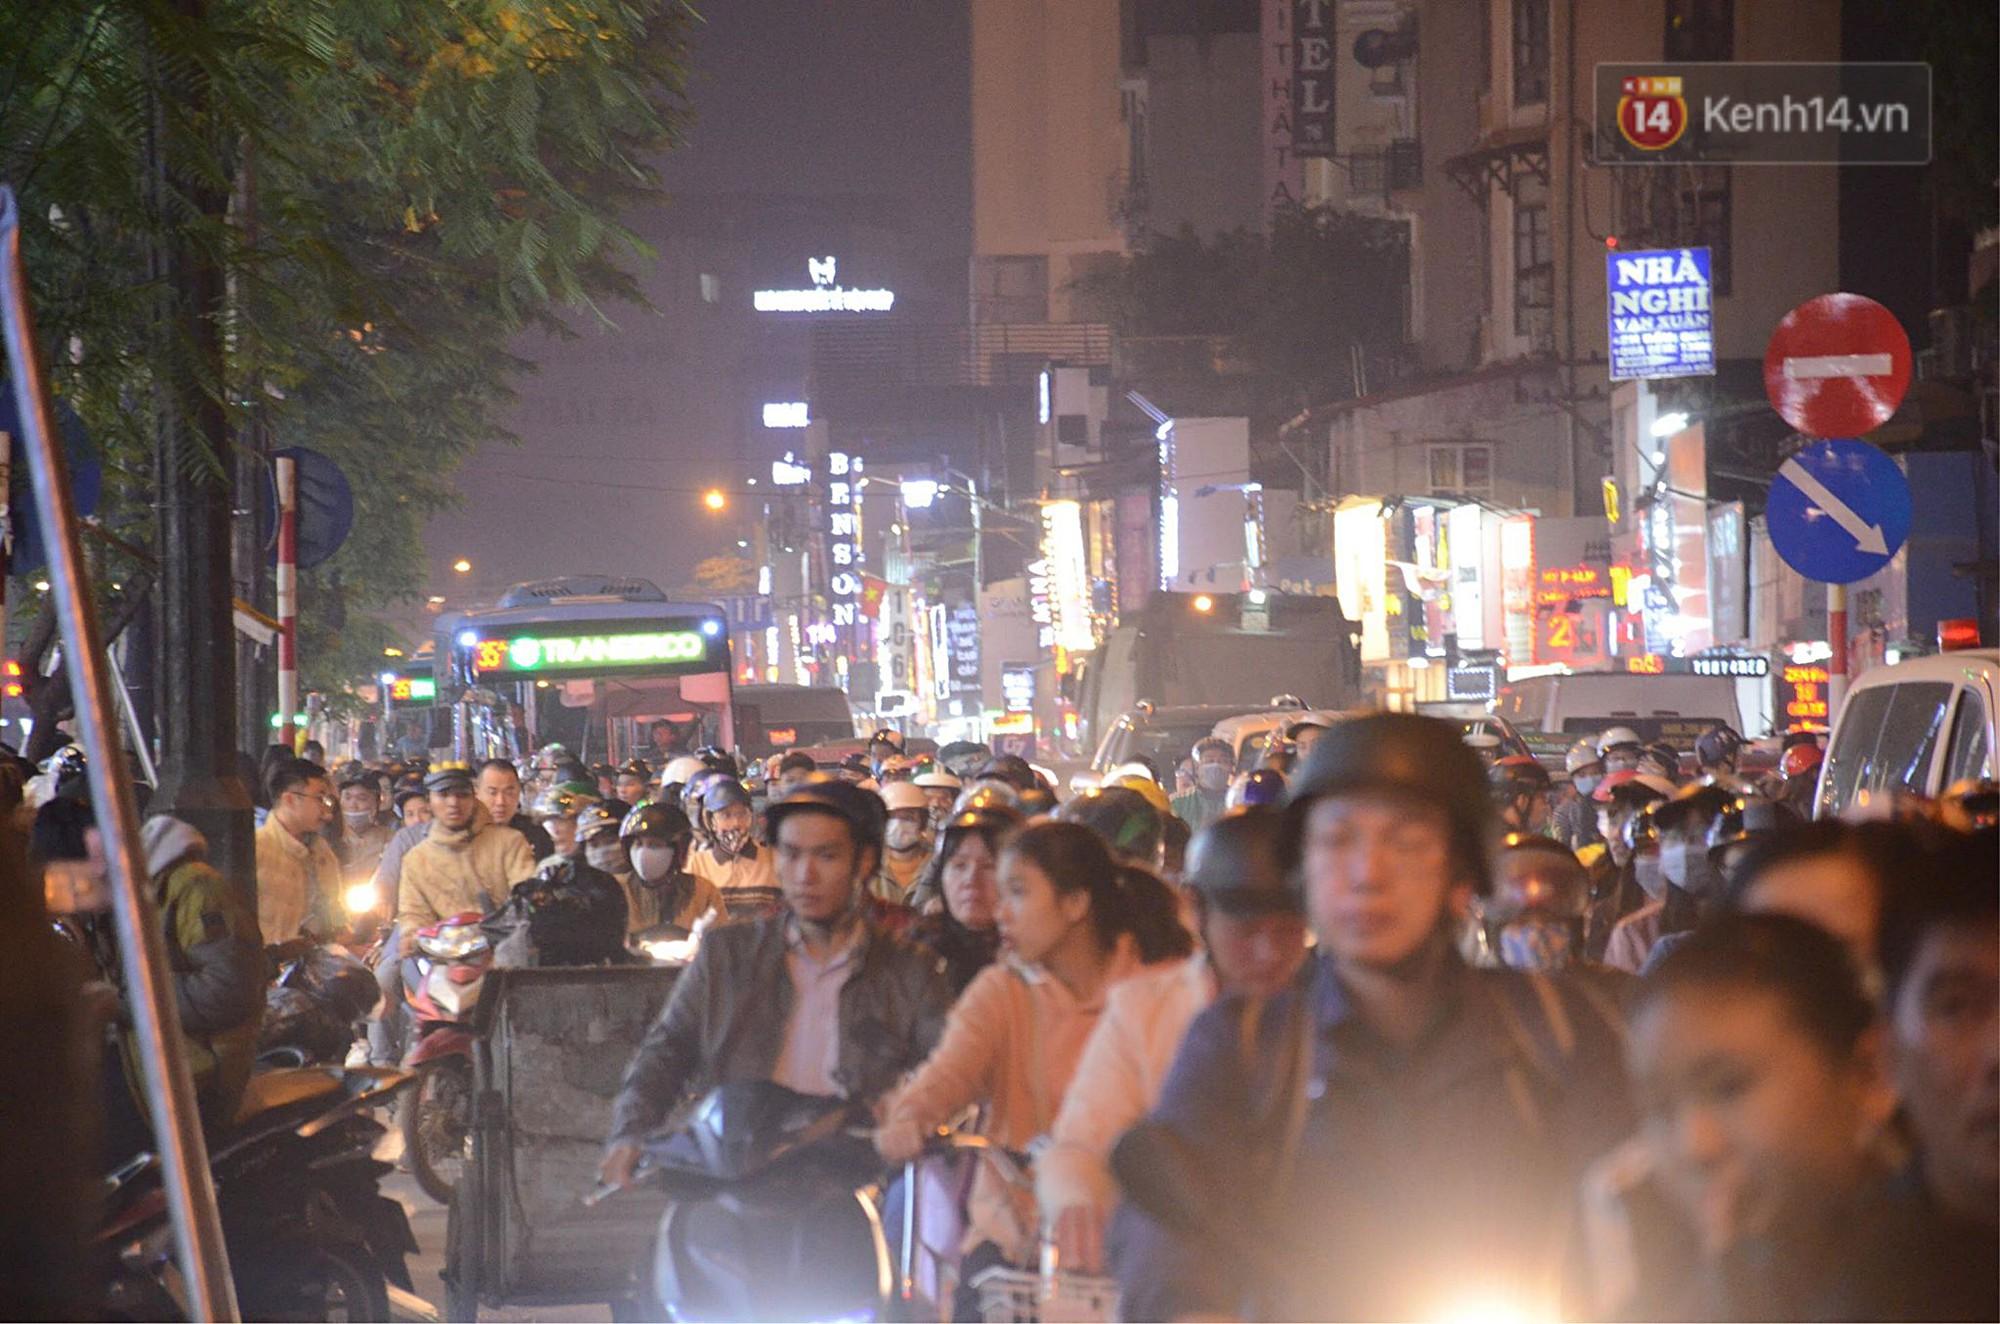 Tối ngày Black Friday ở Hà Nội: Đường phố tắc nghẽn vì bão sale chưa hạ nhiệt - Ảnh 16.